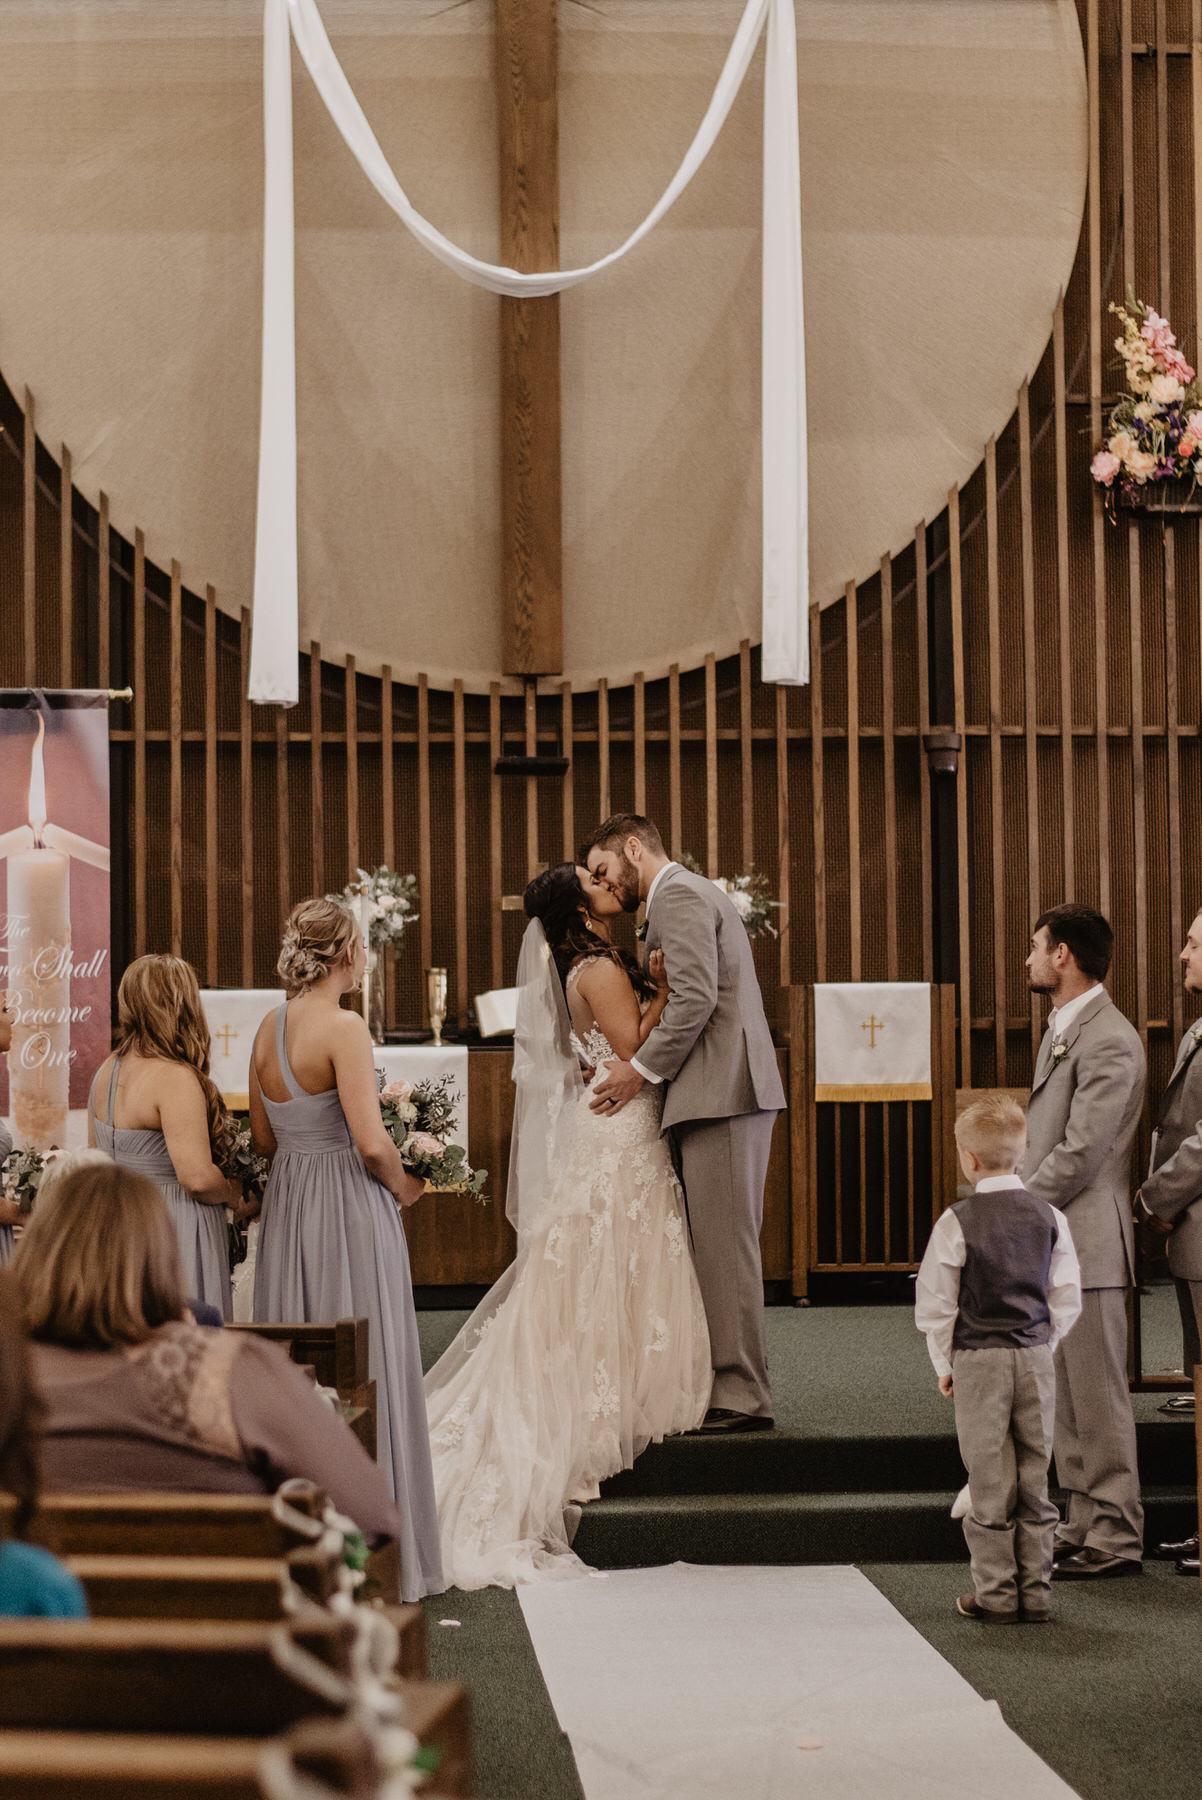 Kaylie-Sirek-Photography-Kearney-Nebraska-Wedding-055.jpg